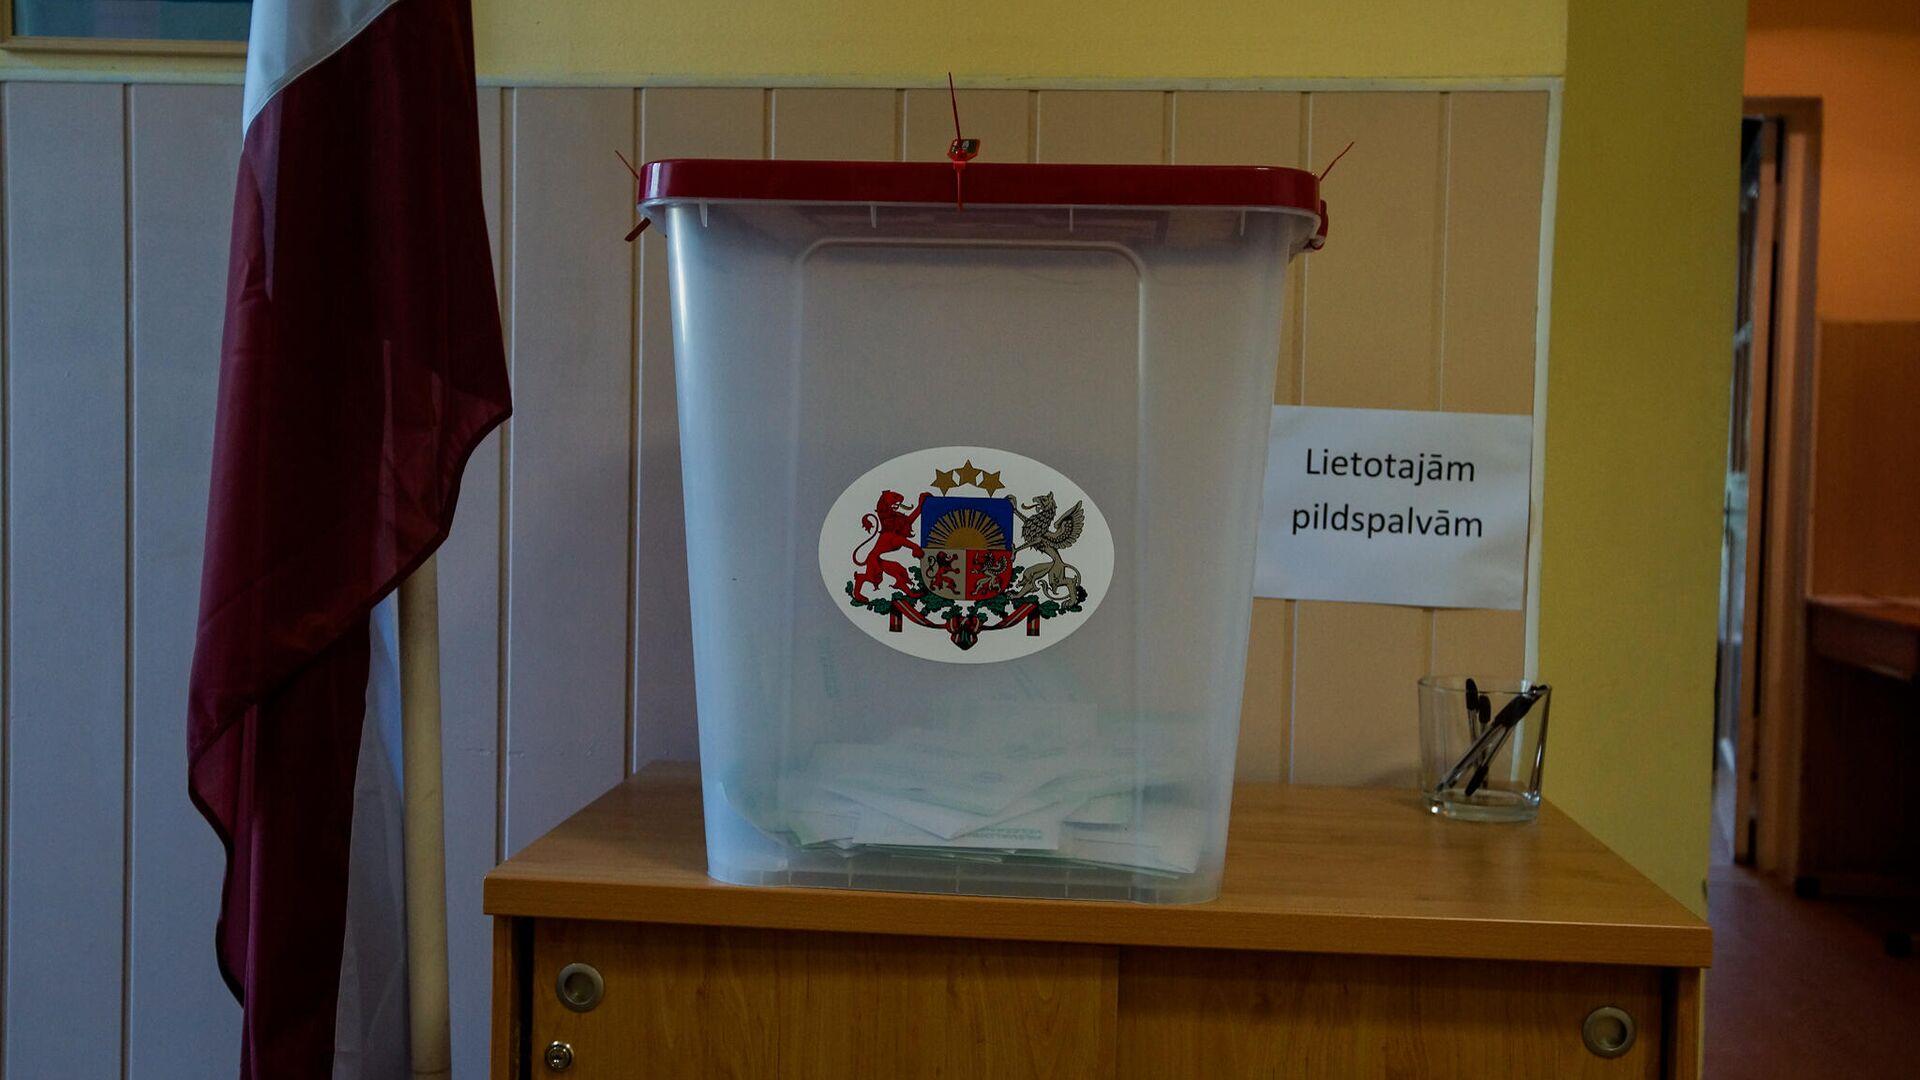 Муниципальные выборы 2021 в Латвии - Sputnik Латвия, 1920, 05.06.2021